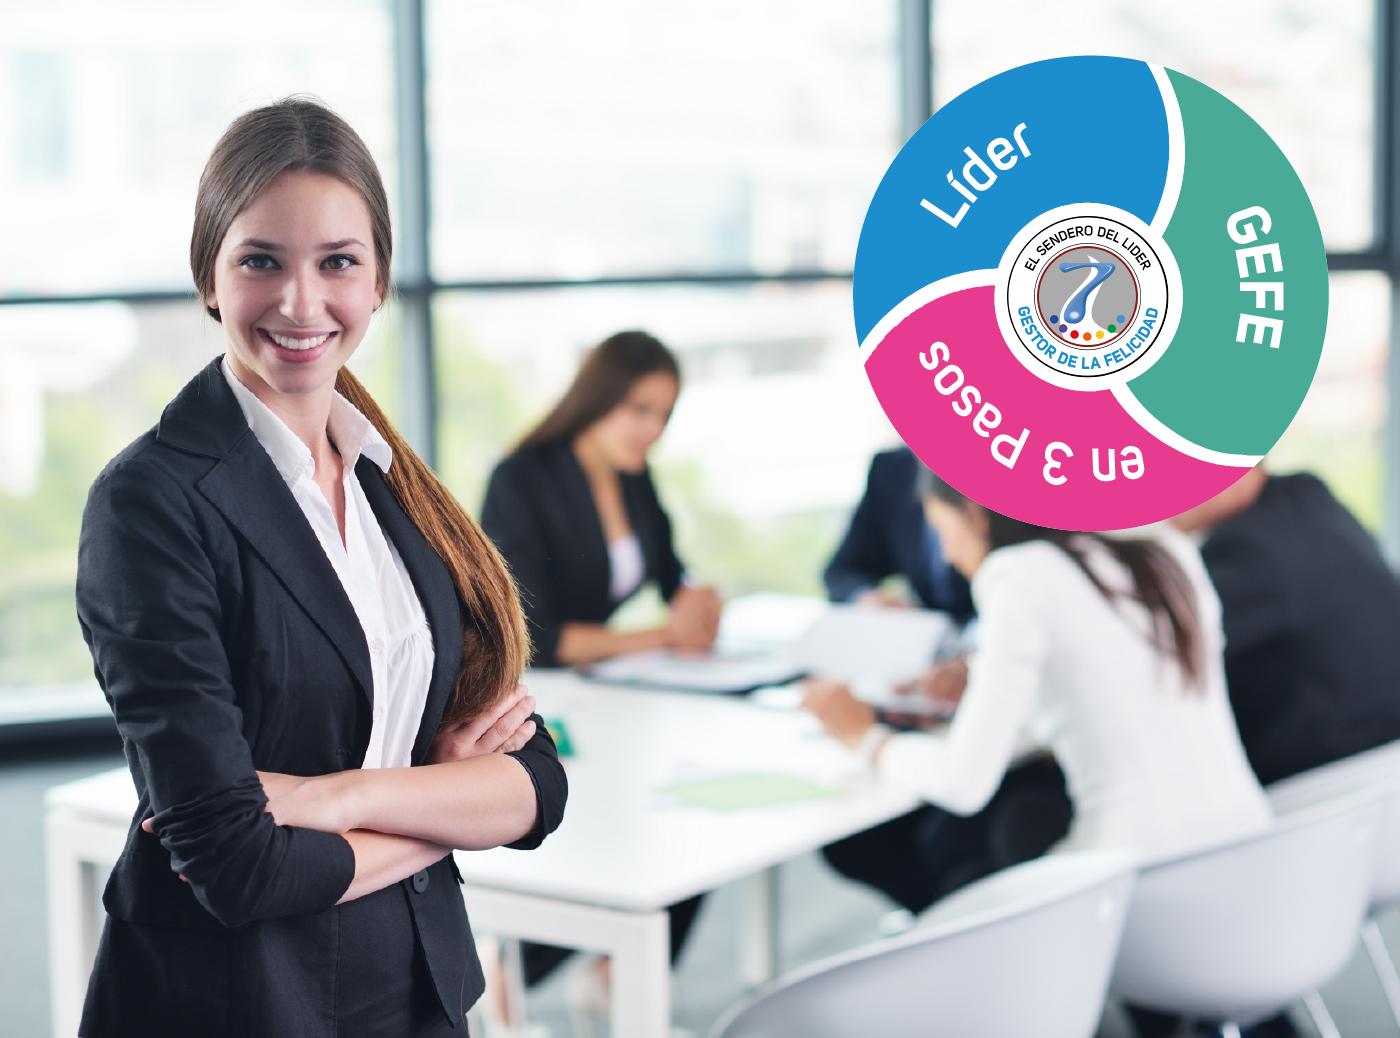 Desarrolla las Capacidades del Líder de NIVEL 7 - Programa de 4 cursos en video training para adquirir las capacidades del Liderazgo de Otros, capaz de guiar al nuevo ser humano en el trabajo.